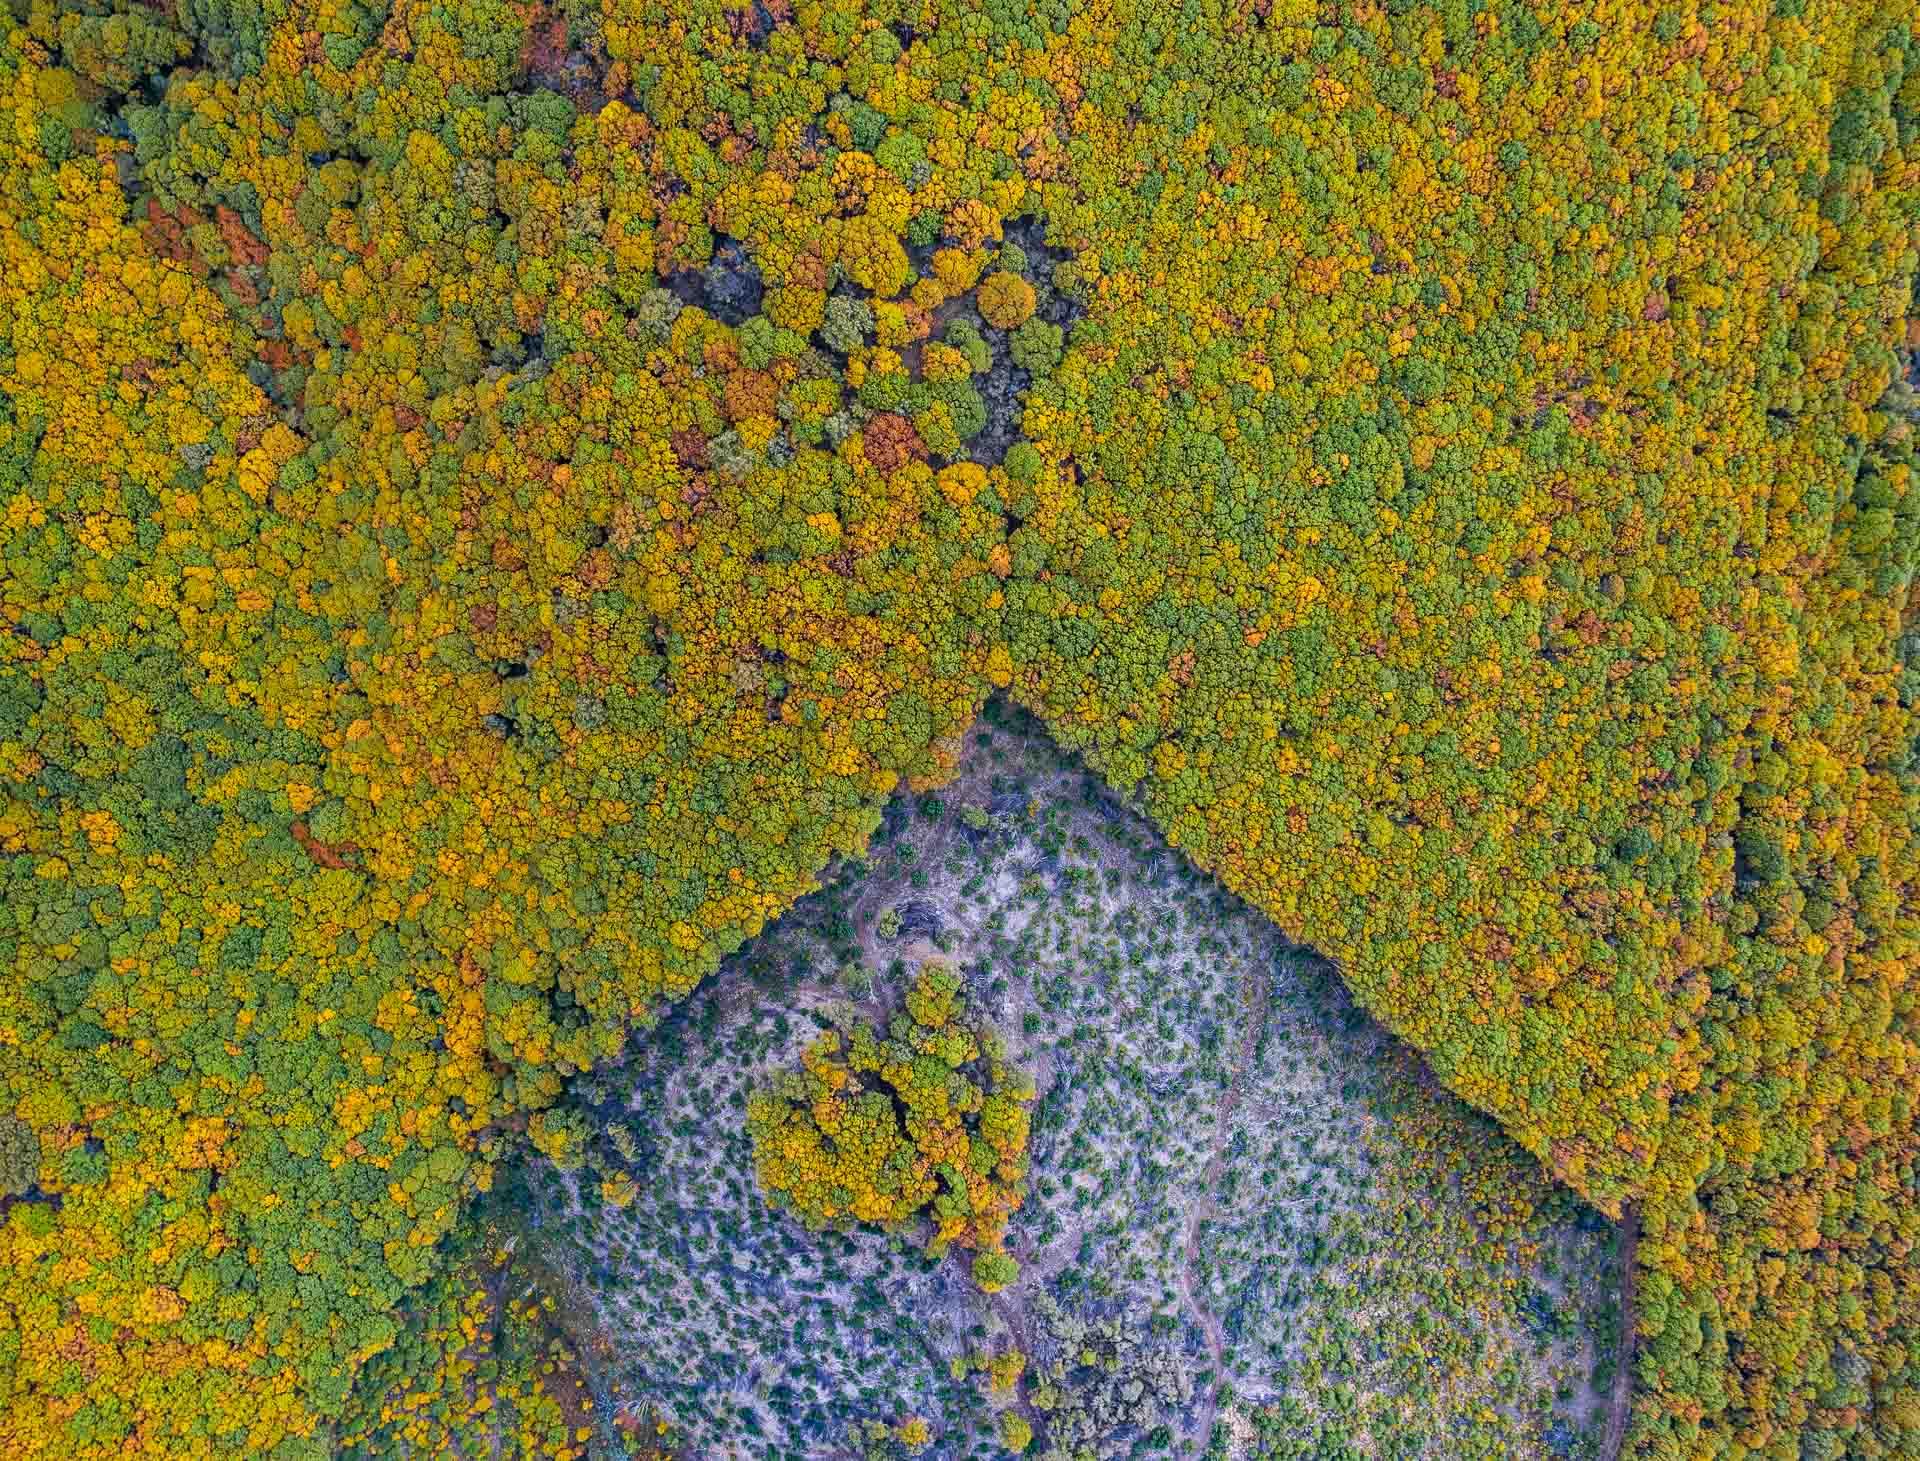 Tala en el bosque. Sierra de Béjar. Salamanca - Desde el aire 2 - Roberto Bueno - Fotografía de Naturaleza - Luces del Planeta - Desde el aire